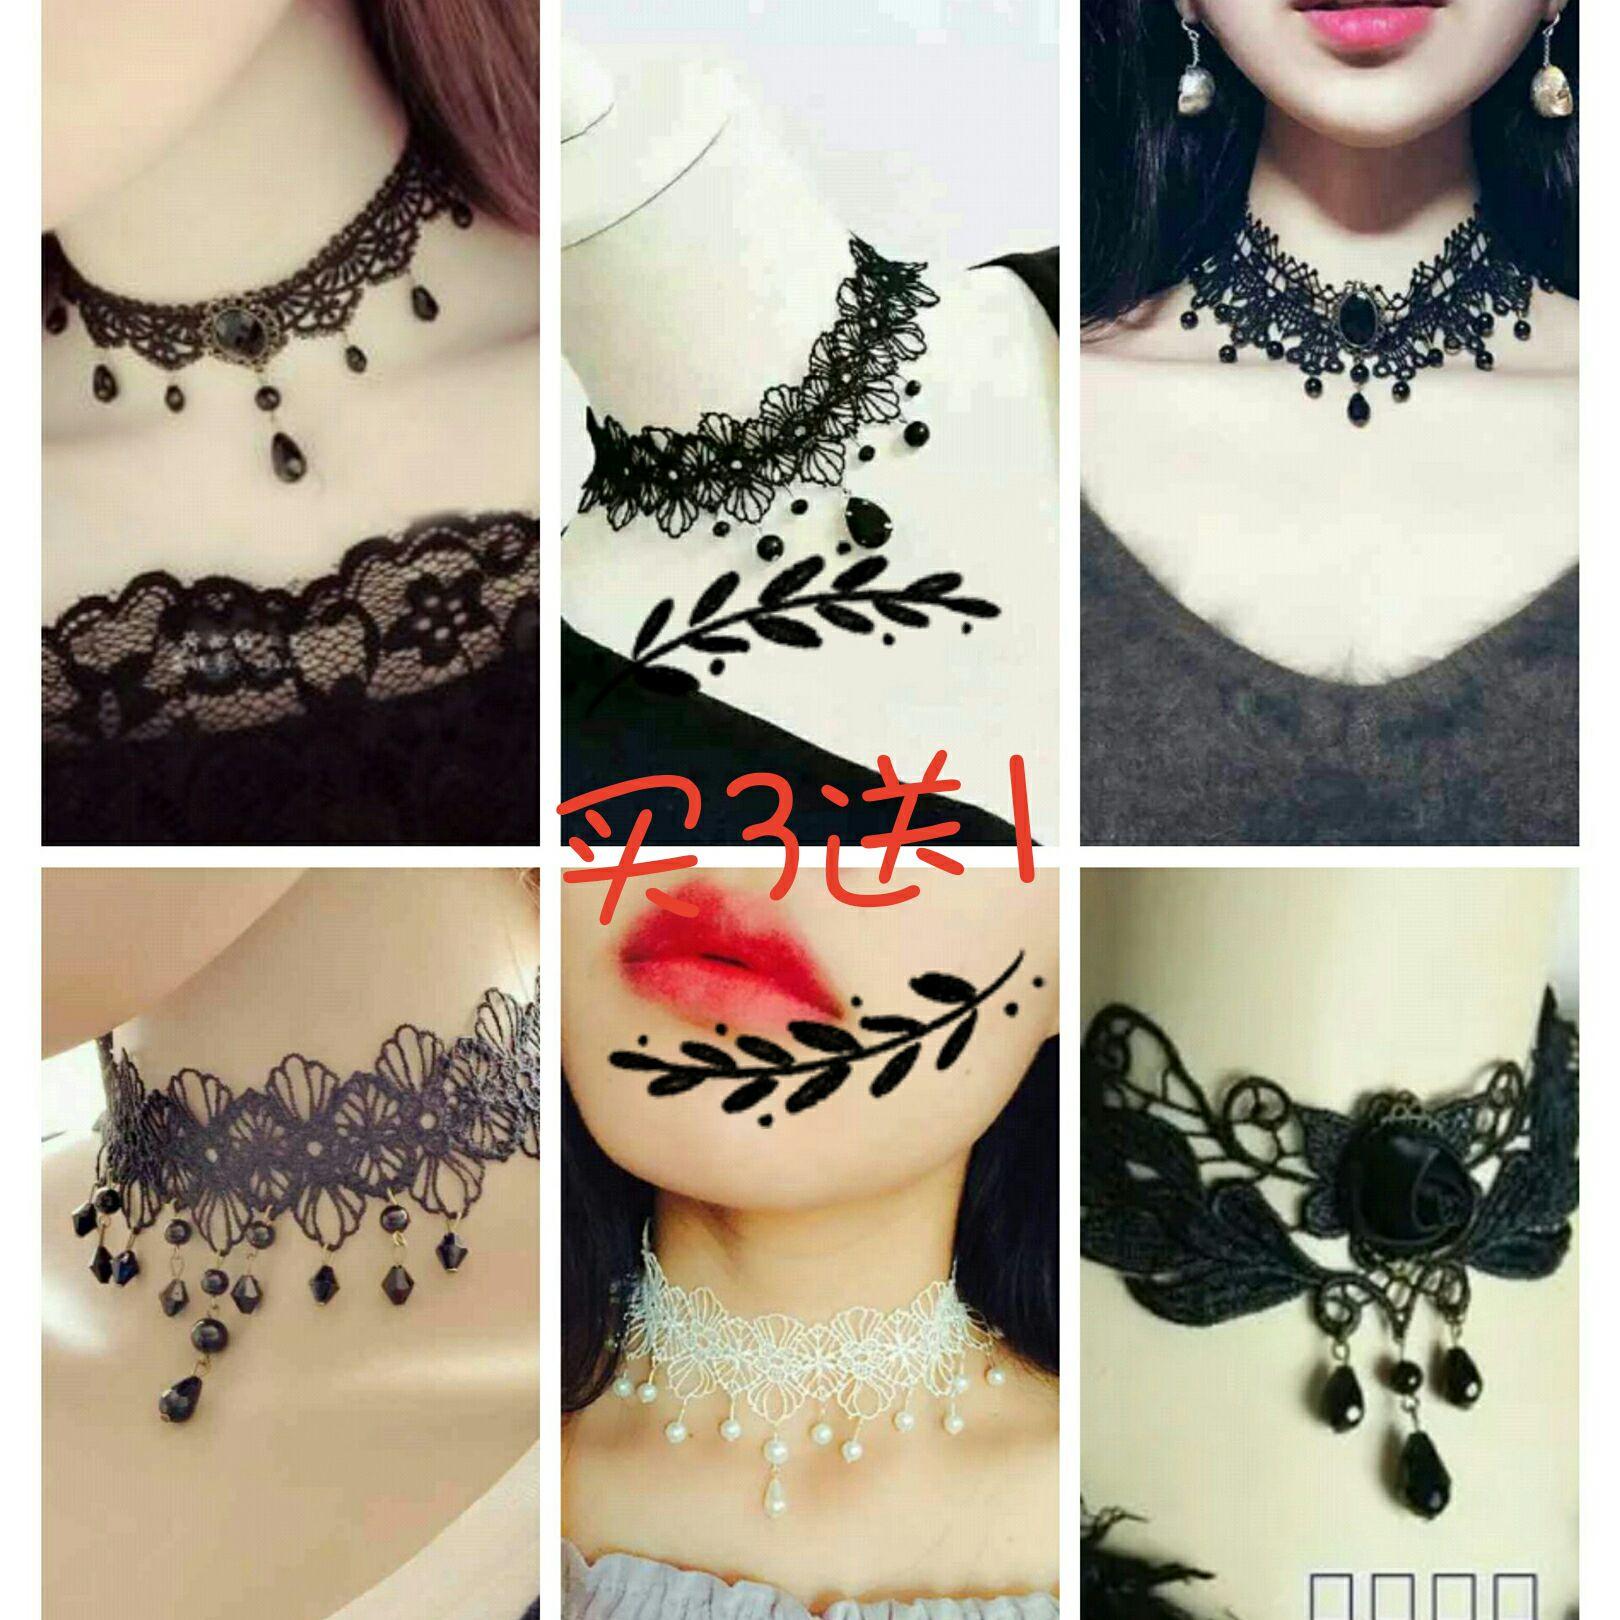 配饰项链女锁骨链蕾丝脖子饰品黑色颈带项圈洛丽塔颈饰颈链装饰